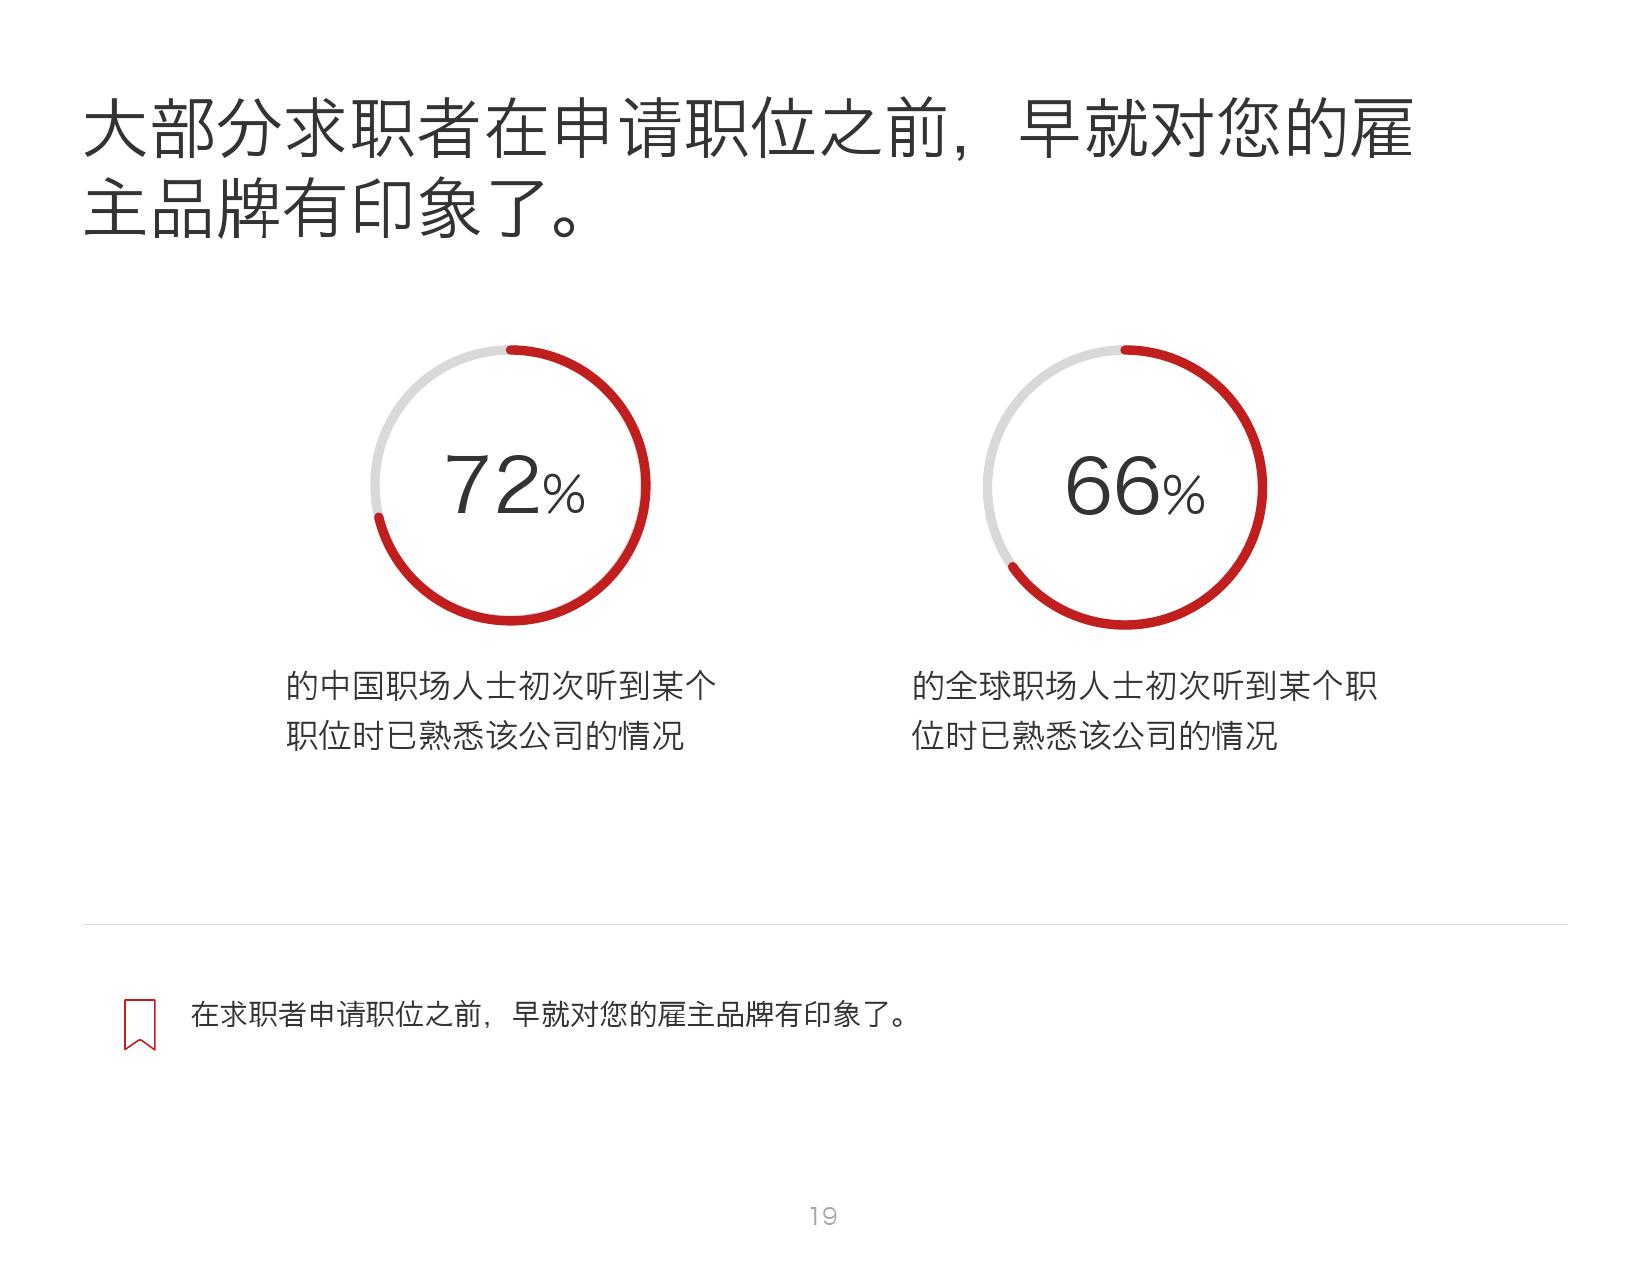 2016年中国人才趋势报告_000019